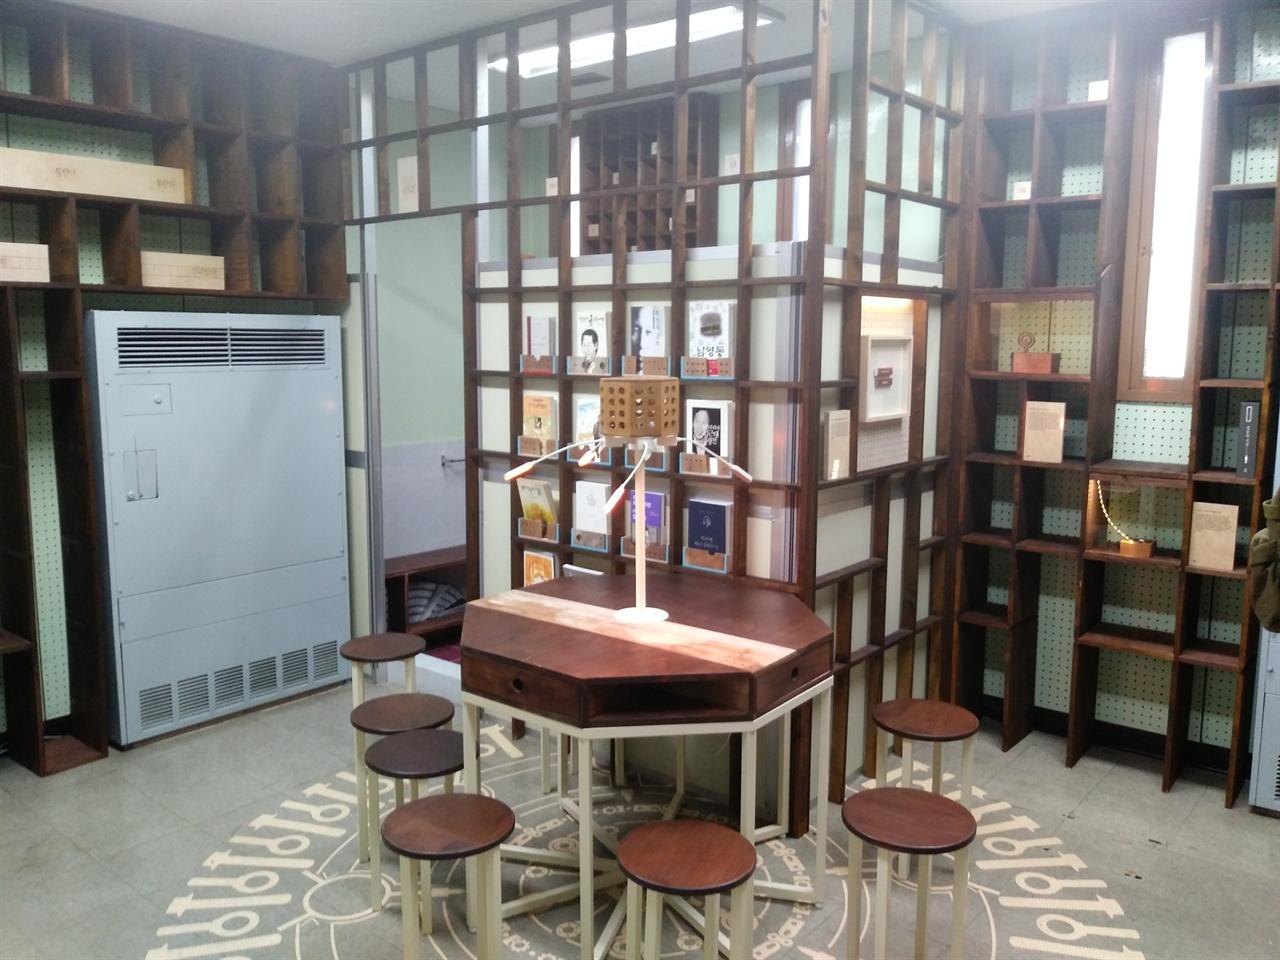 남영동 514호실 김근태 전 의원이 전기고문을 당했던 곳은 작은 도서관처럼 꾸며져 있어 당시의 참혹함을 전혀 느낄 수 없다. 말 그대로 화해와 용서의 공간으로 탈바꿈했다.